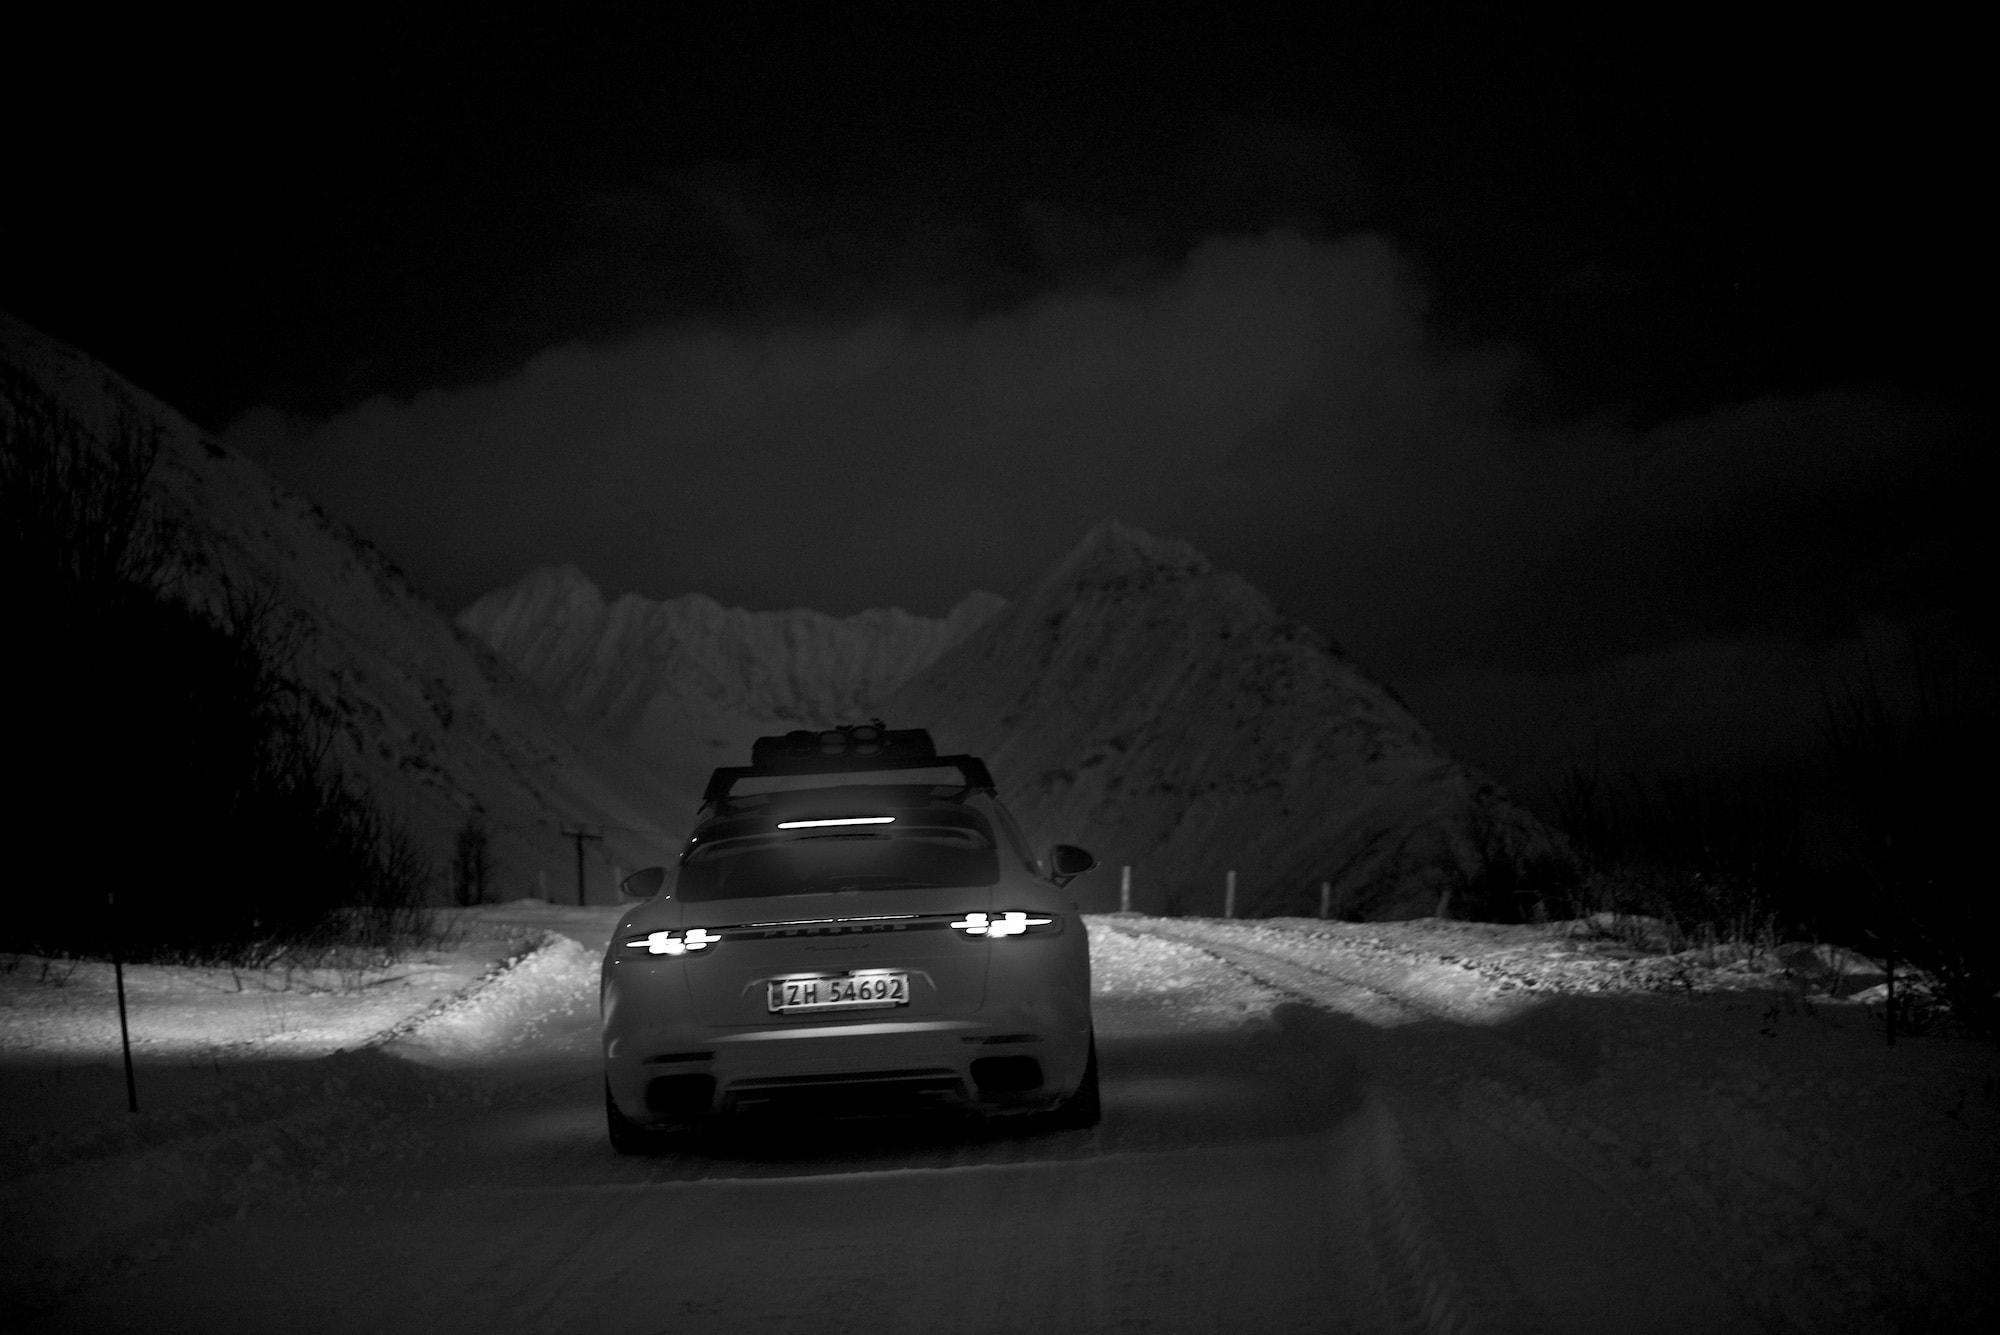 Johan Wildhagen – Dennis Risvoll + Porsche Magazine